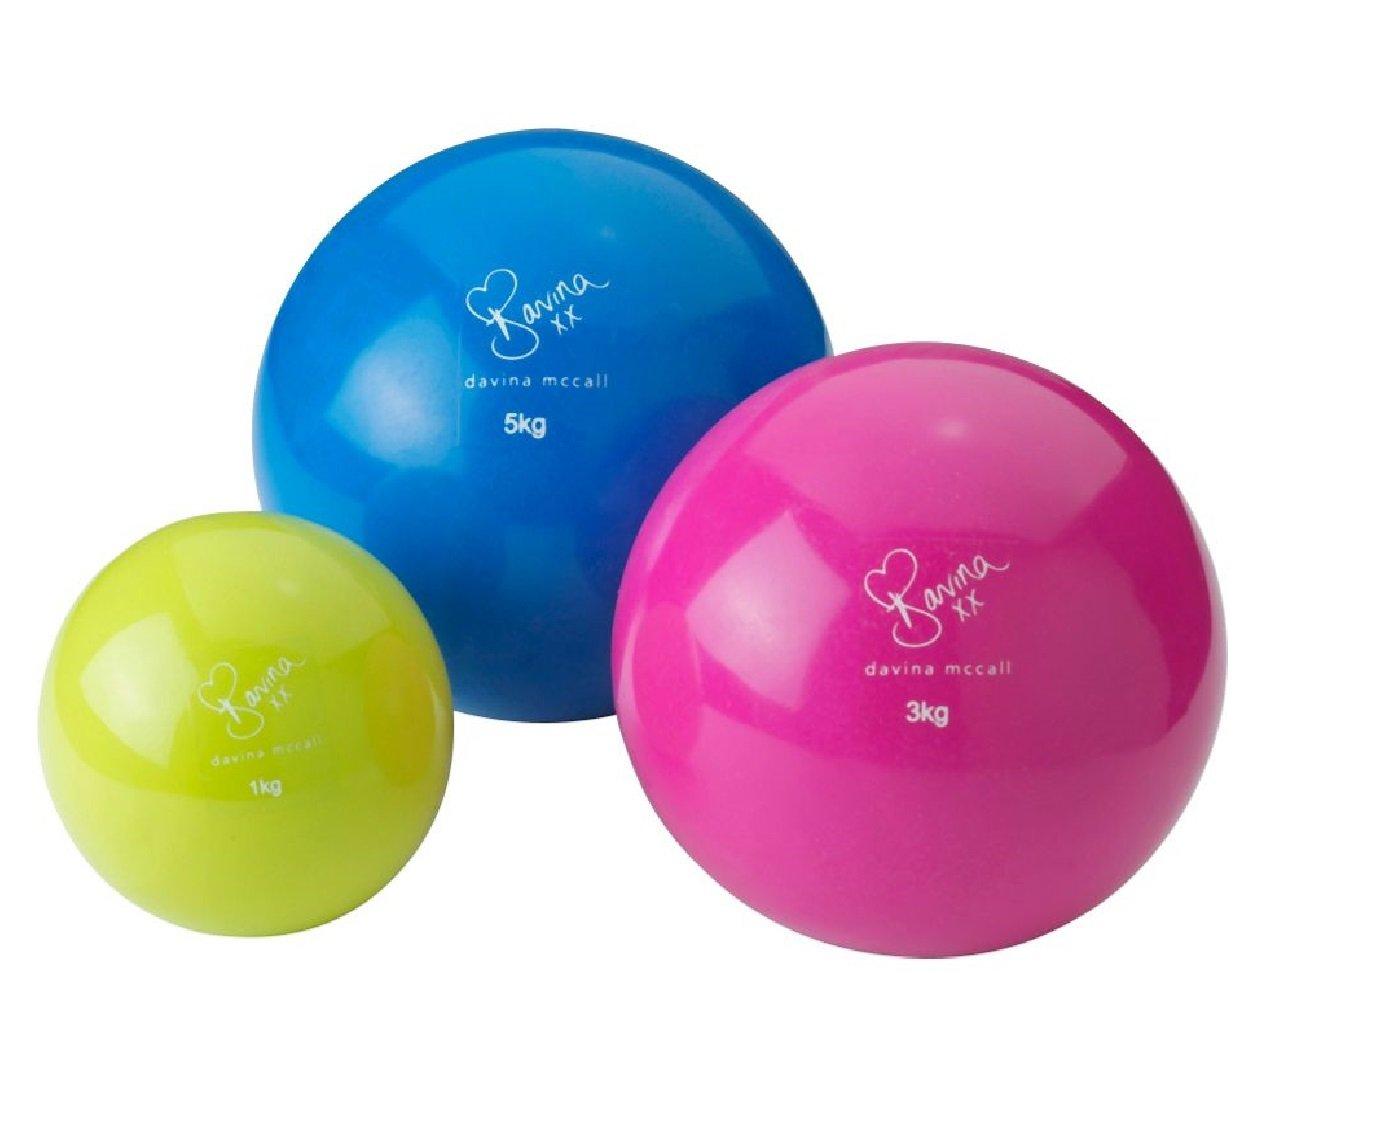 Balón Medicinal 3 Davina pelotas de juego.: Amazon.es: Deportes y ...